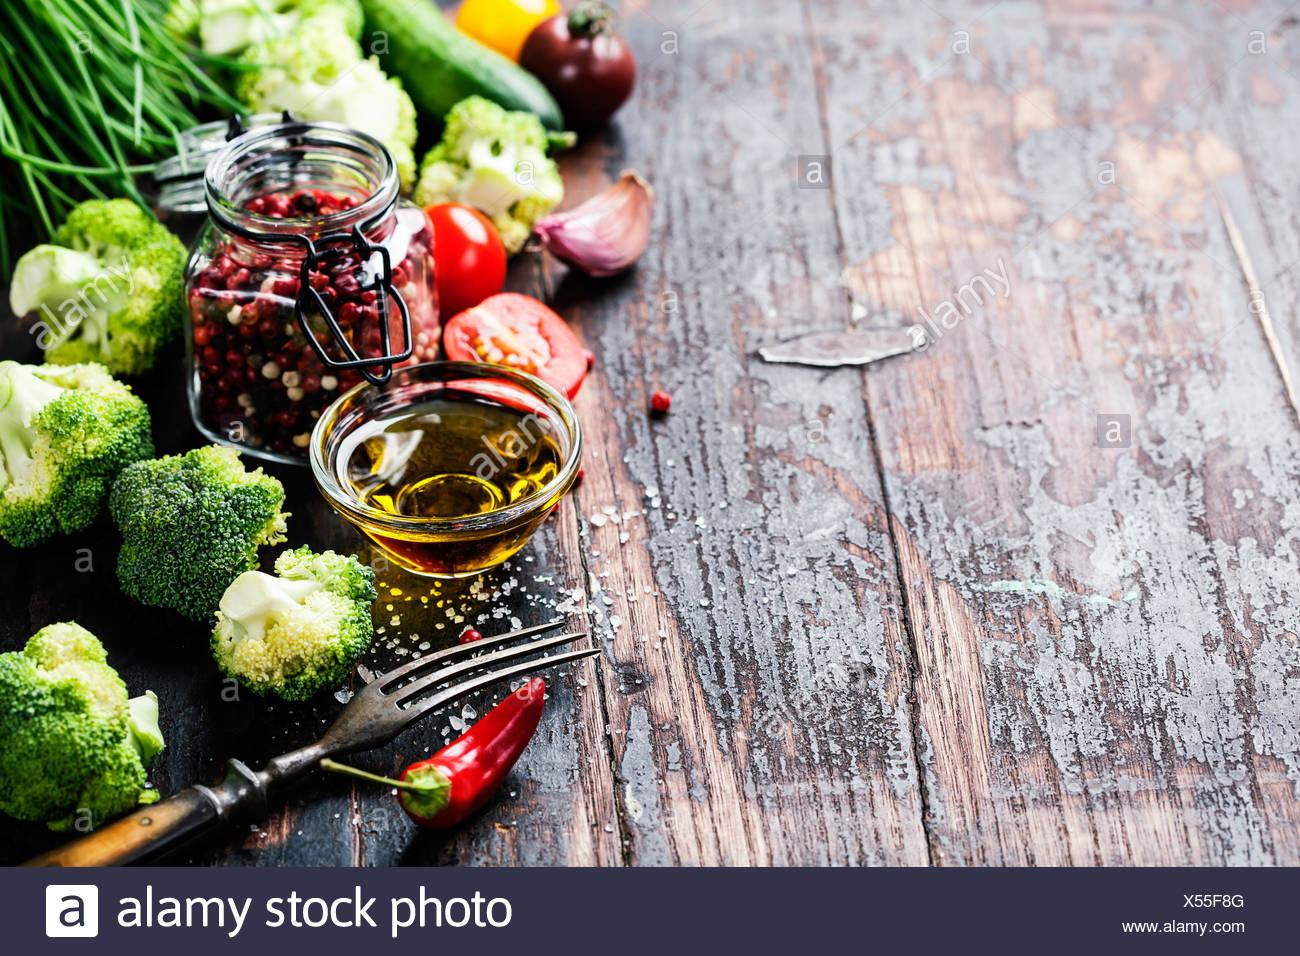 Fresco di broccoli verdi e sane verdure organiche su un sfondo di legno. Immagini Stock